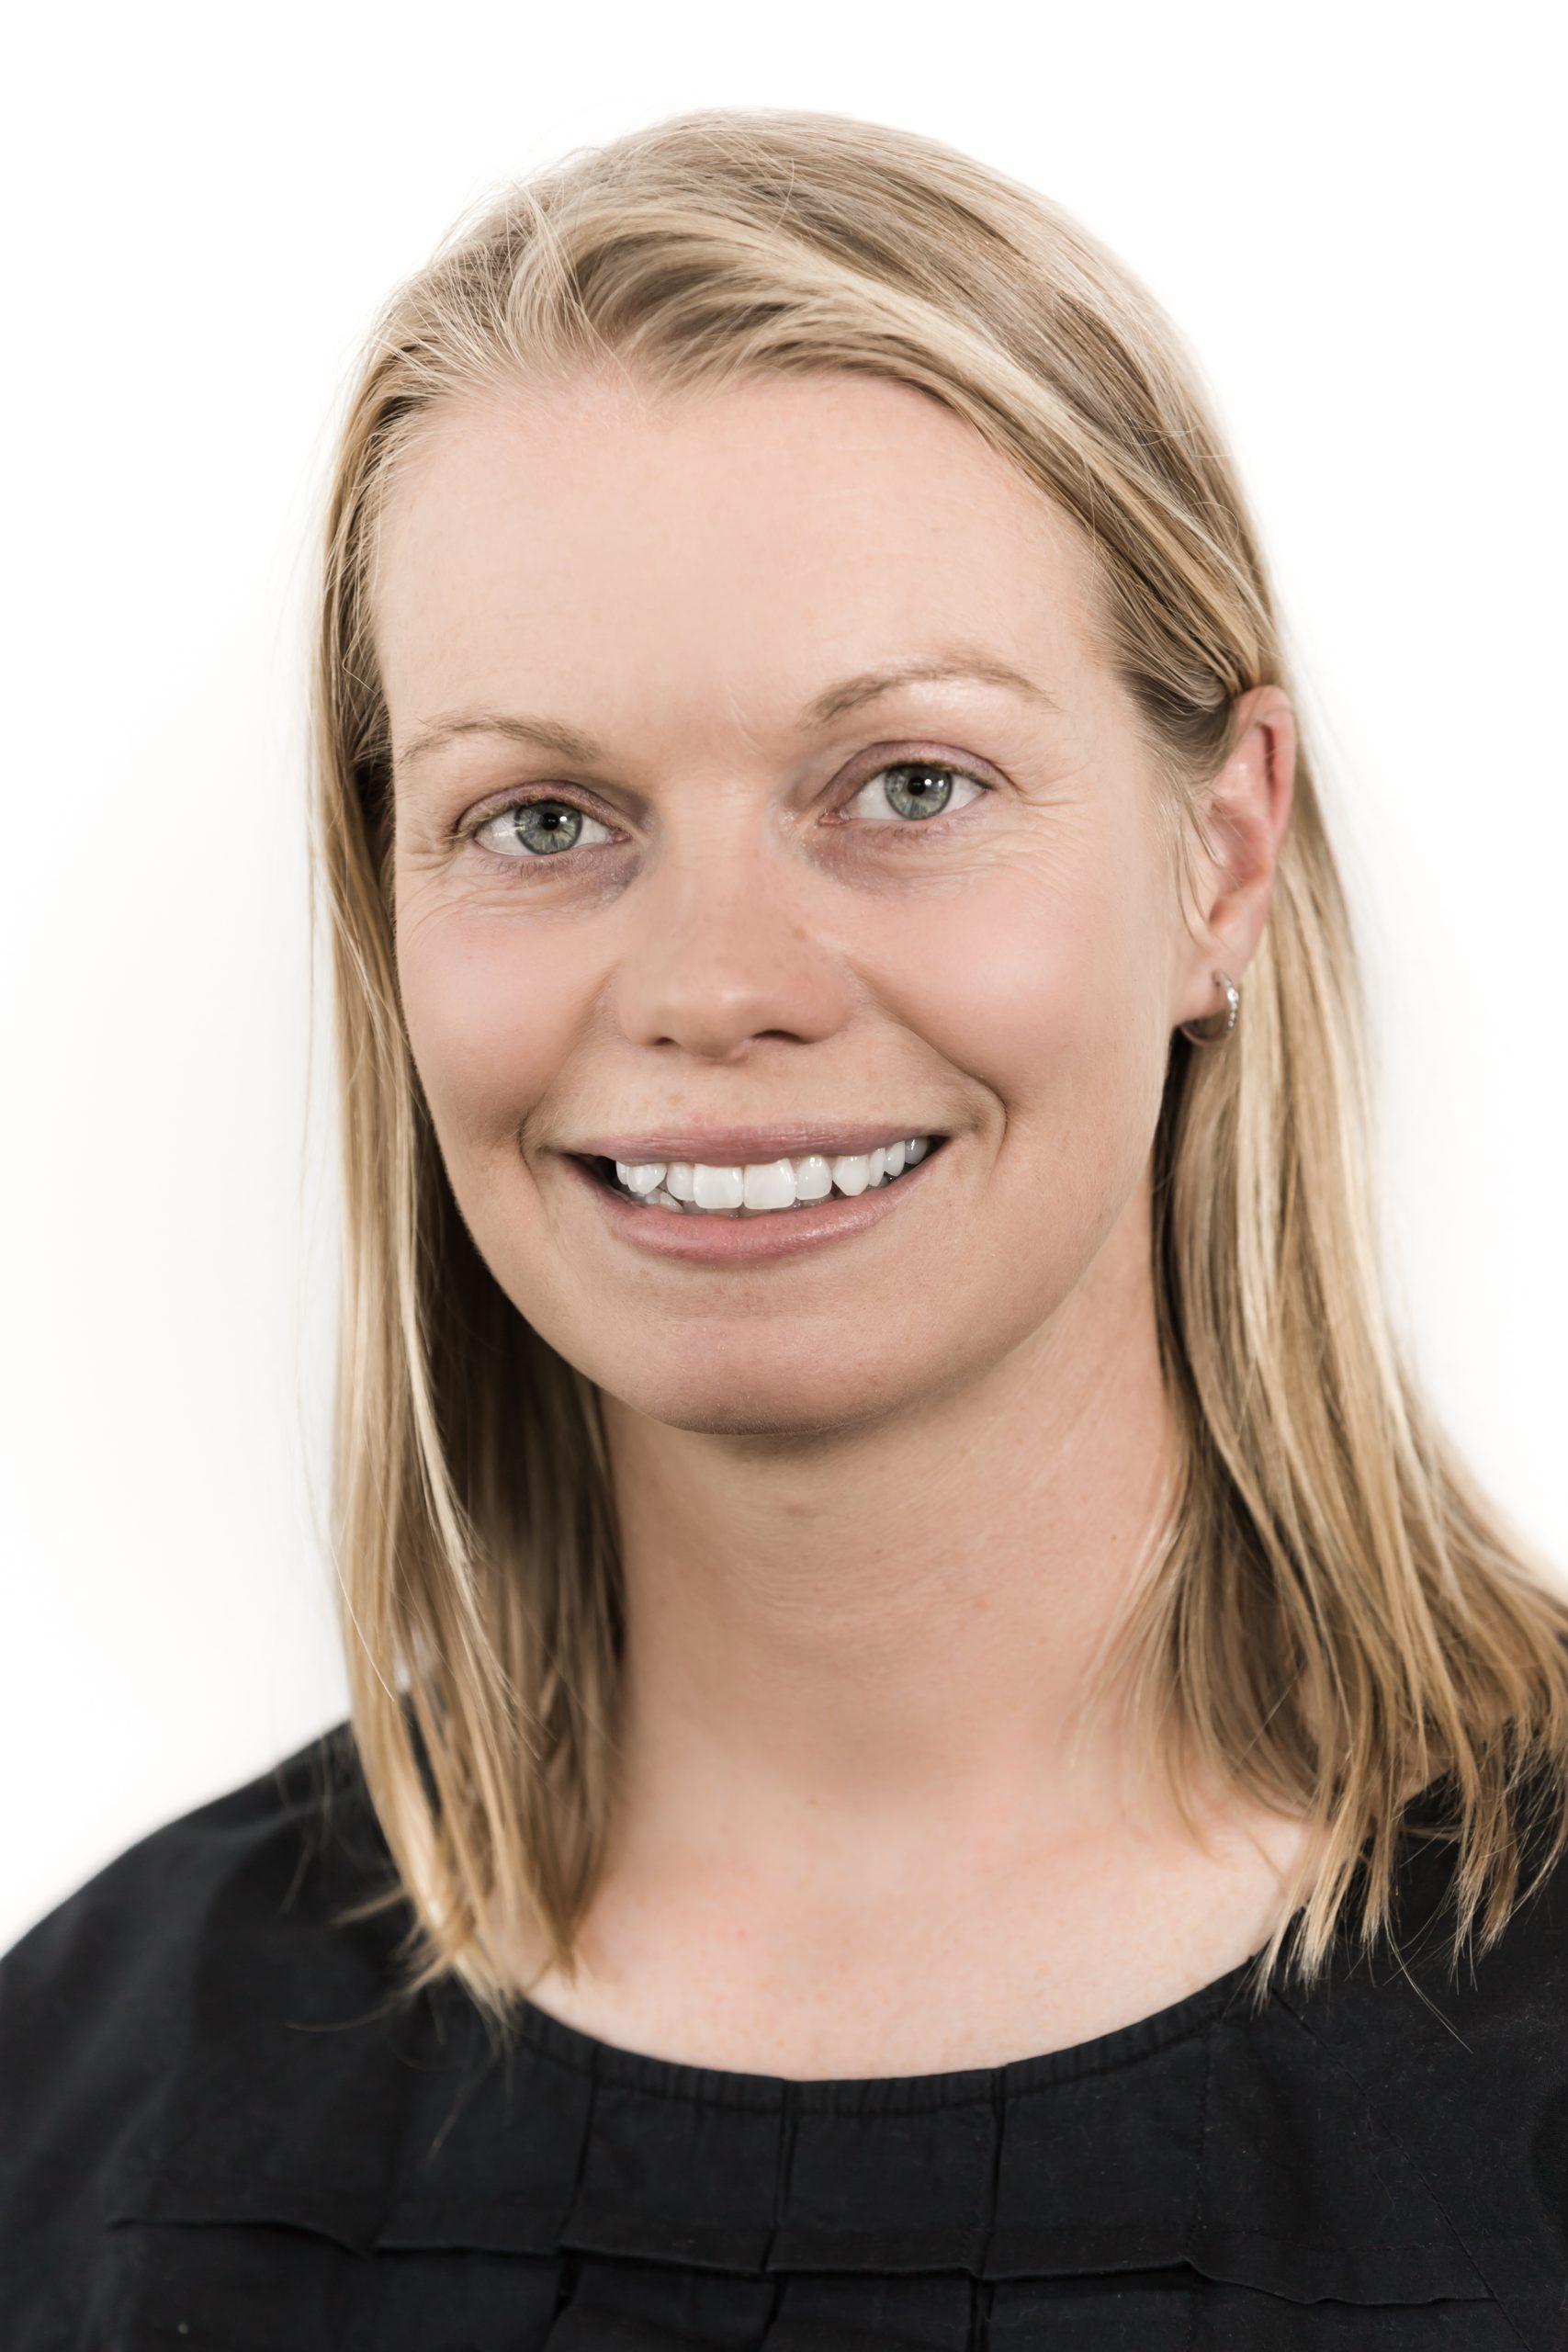 Jenna Tomlin